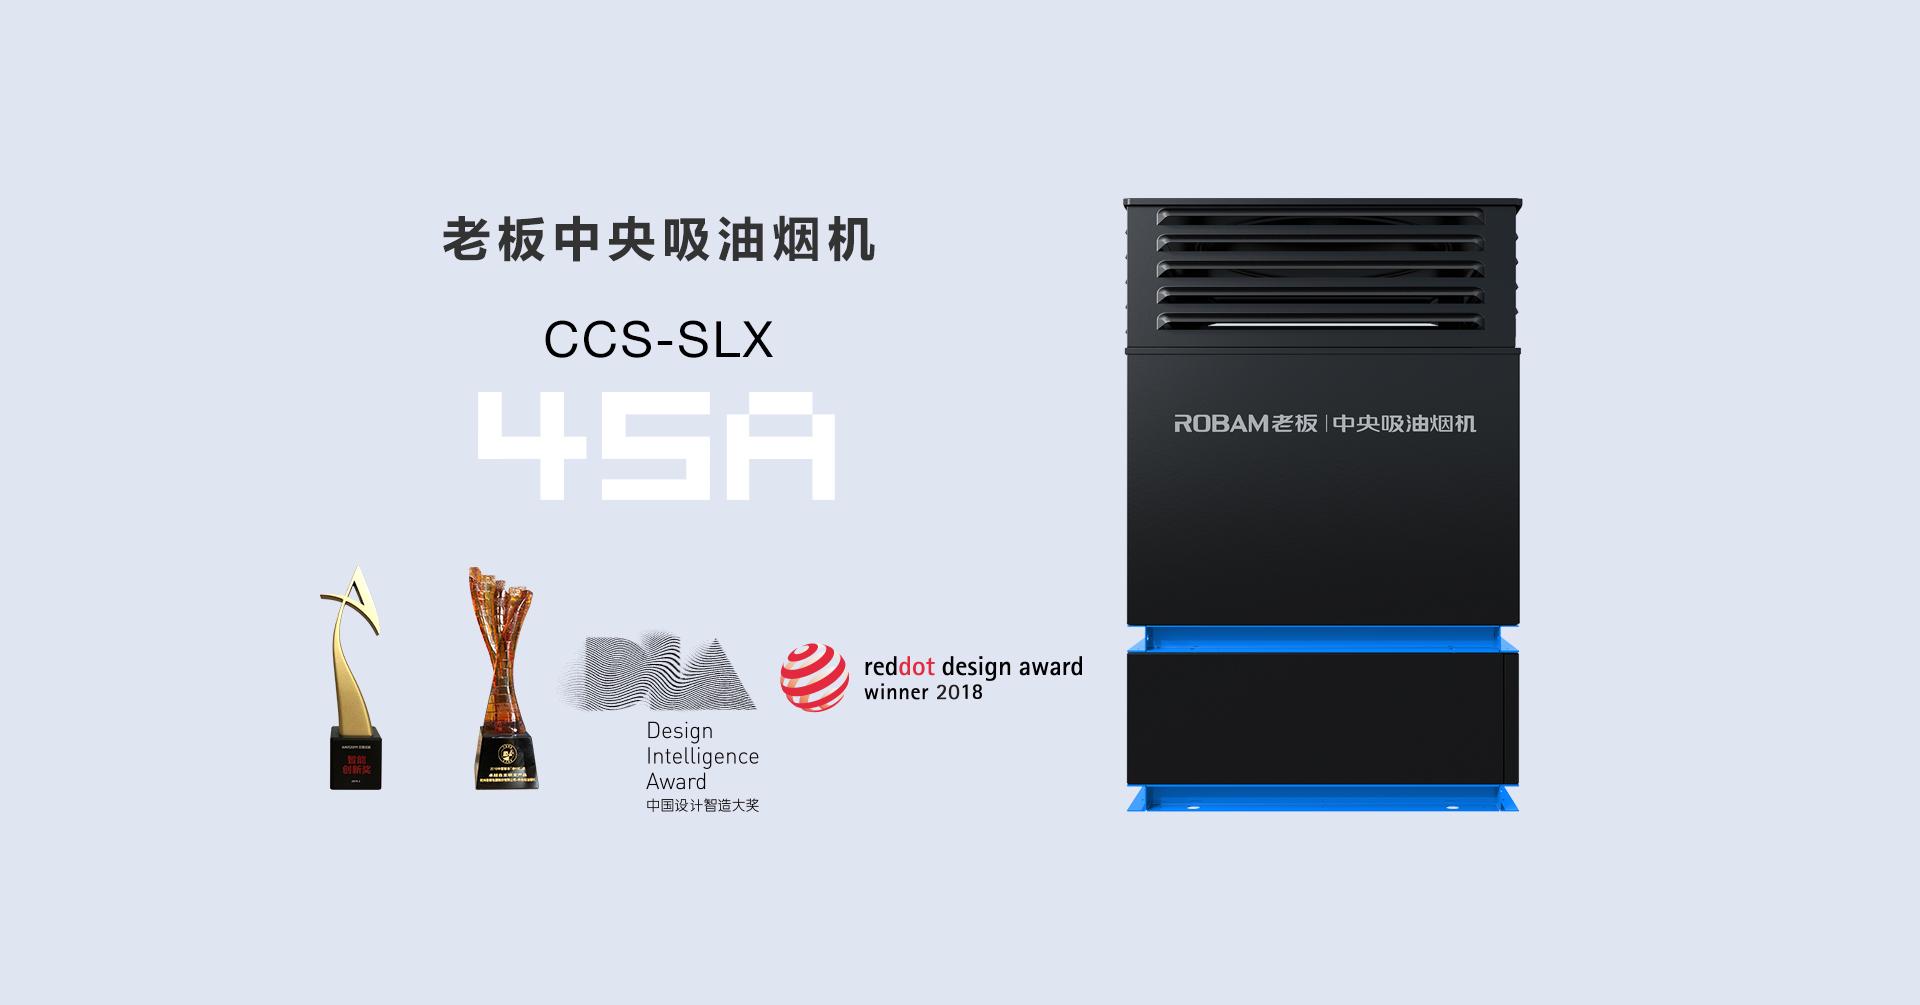 CCS-SLX-45A-详情页-PC端-201225_01.png